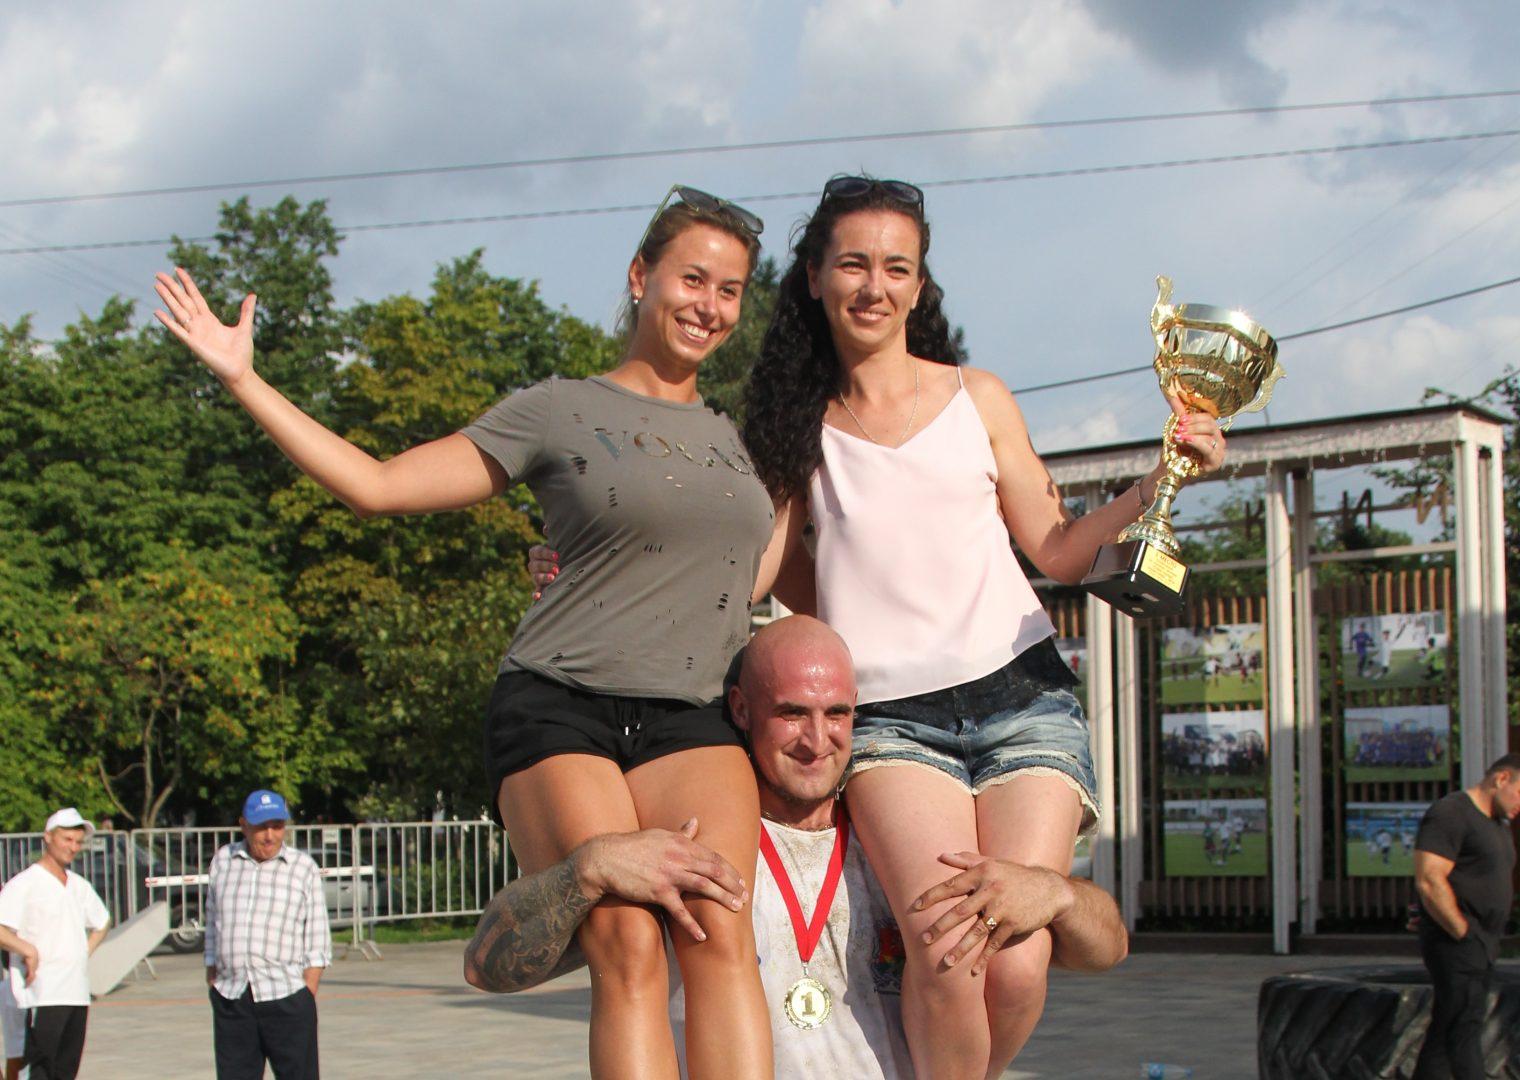 Павел Фатеев отчаянно боролся за победу, но главный вес не взял. Фото: Владимир Смоляков